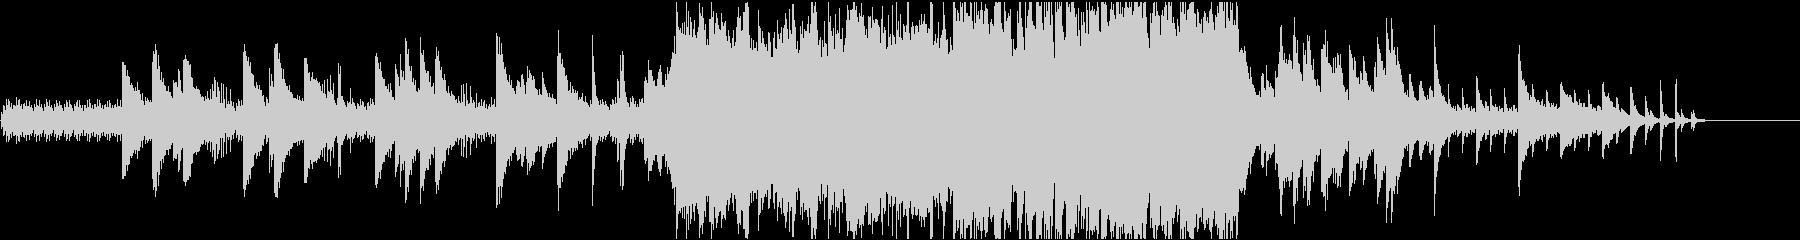 歯車を模した旋律がクールなピアノソロの未再生の波形